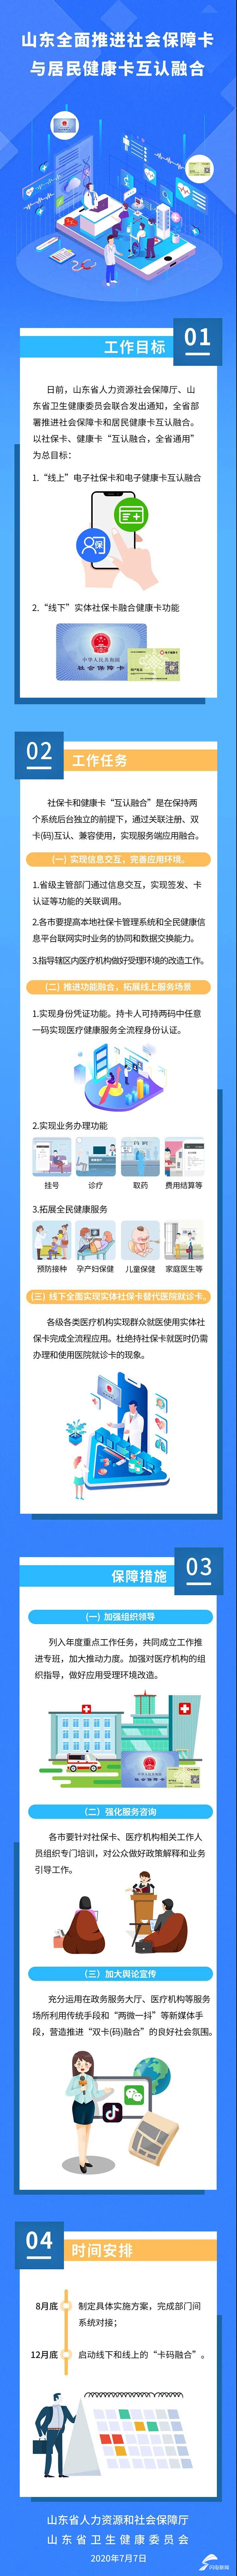 山东省全面推进社会保障卡与居民健康卡融合